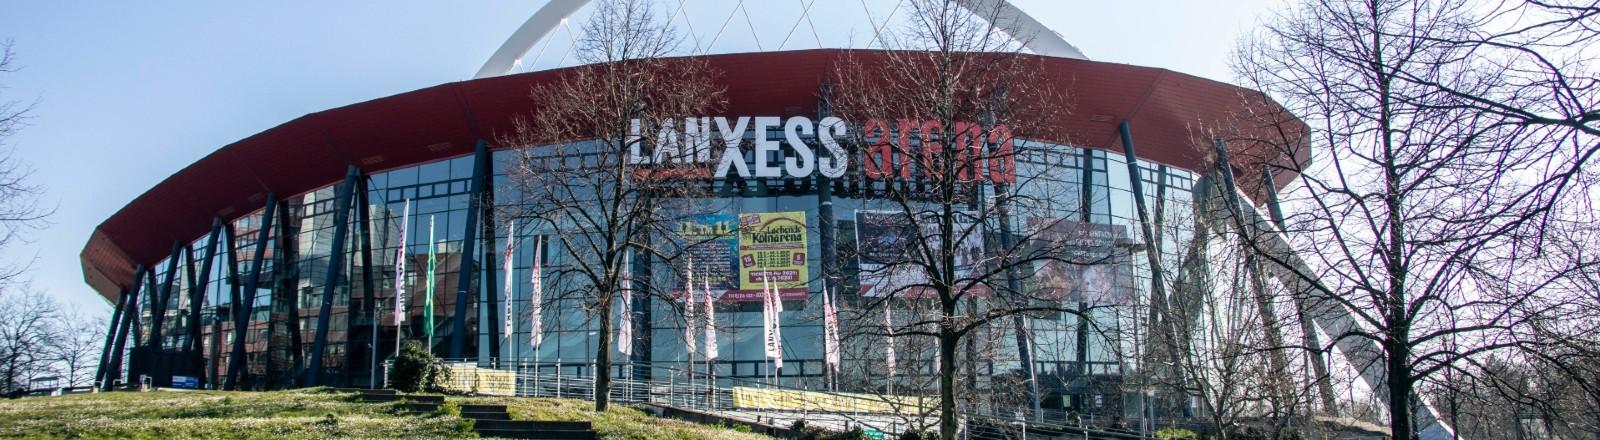 Lanxess Arena von außen.